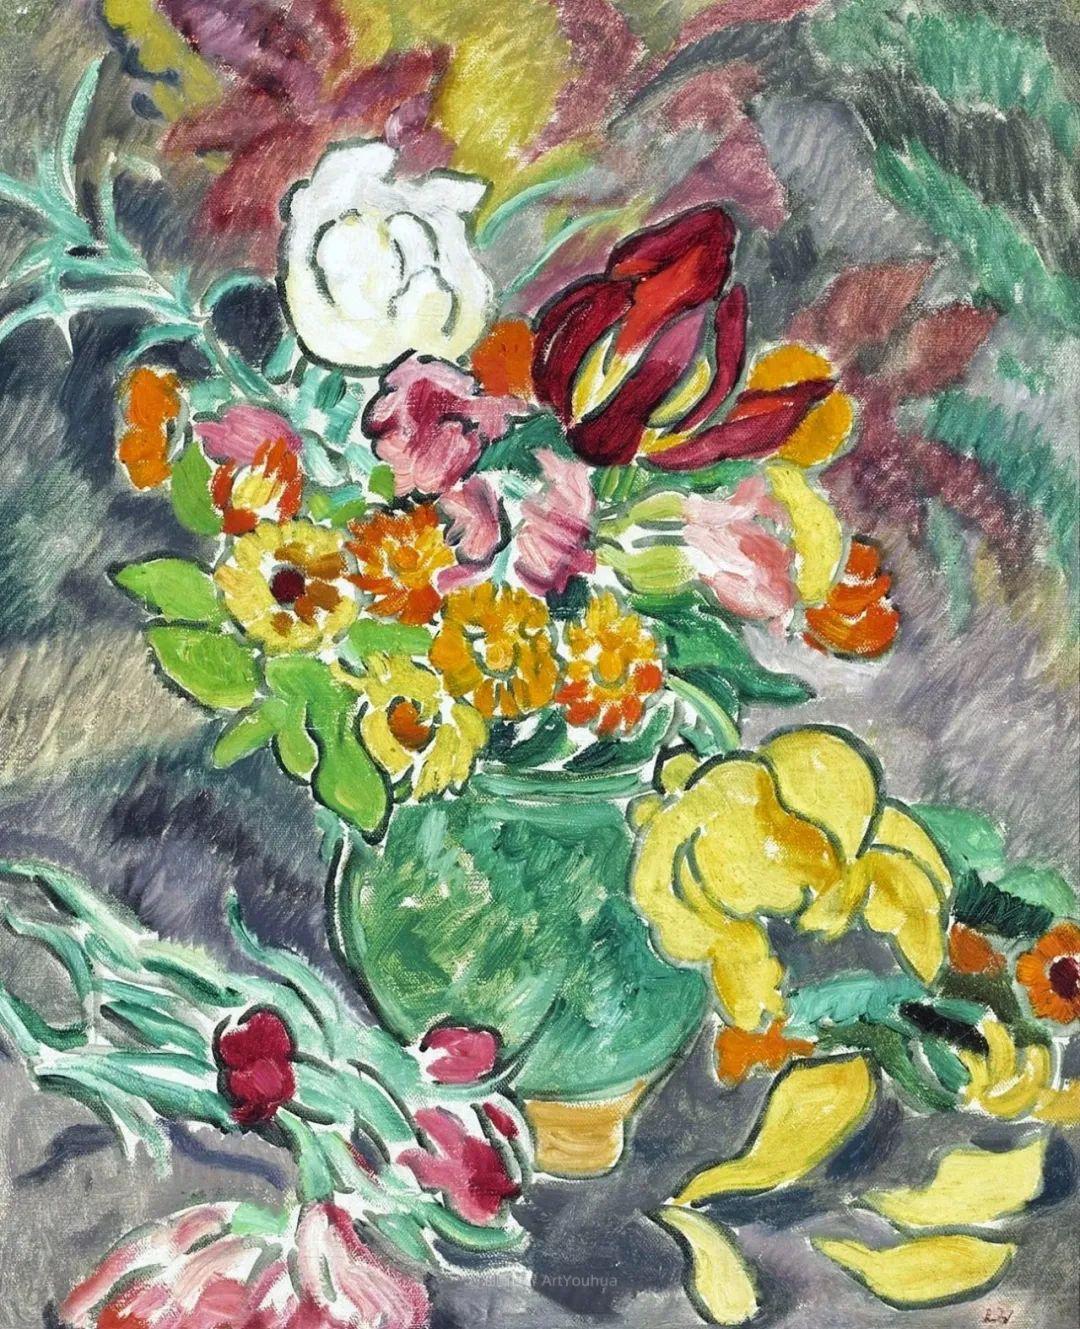 笔触粗犷,色彩令人陶醉,高清花卉作品插图40